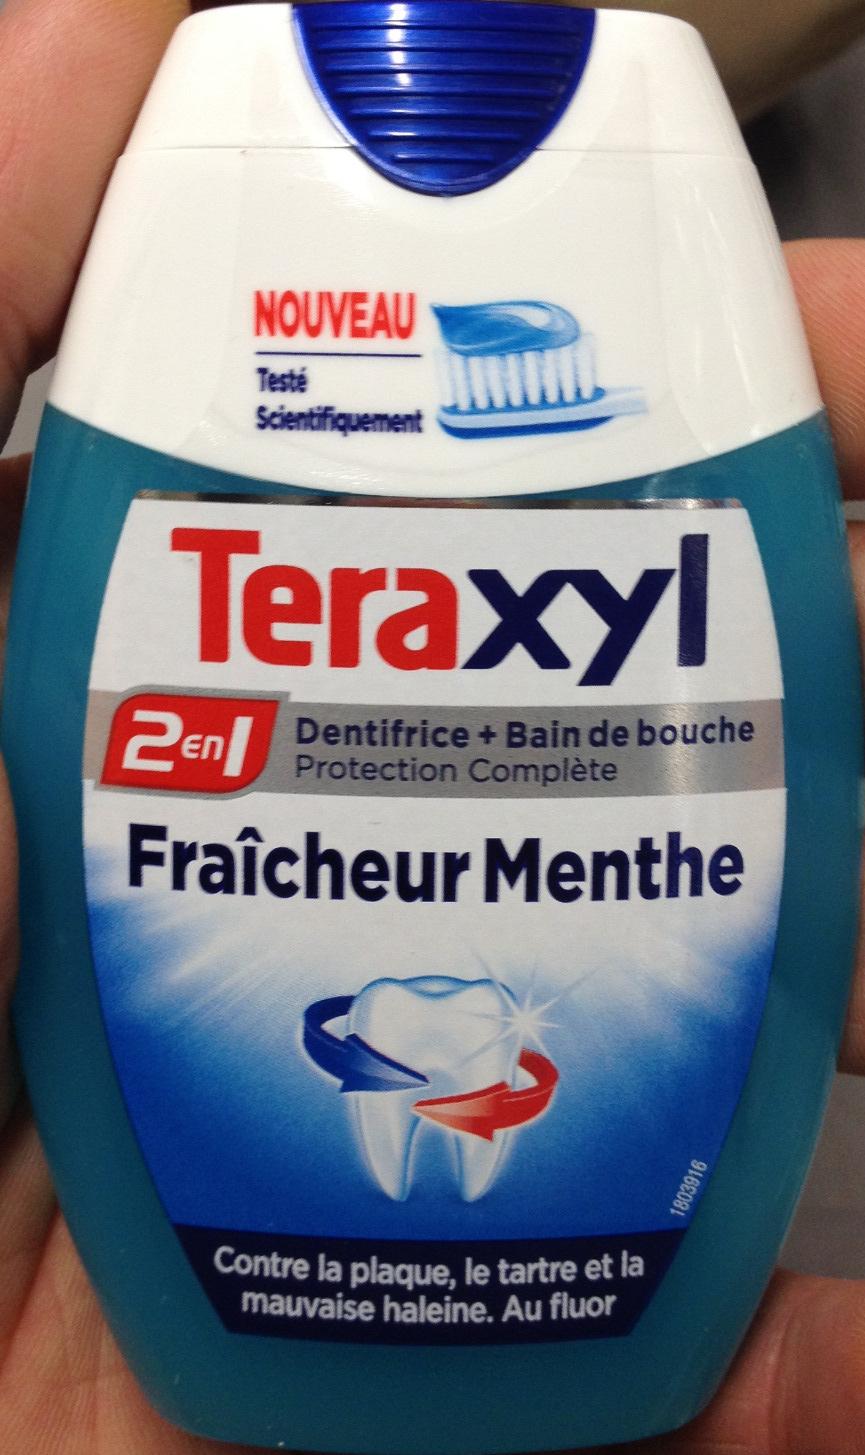 Fraîcheur menthe - Product - fr